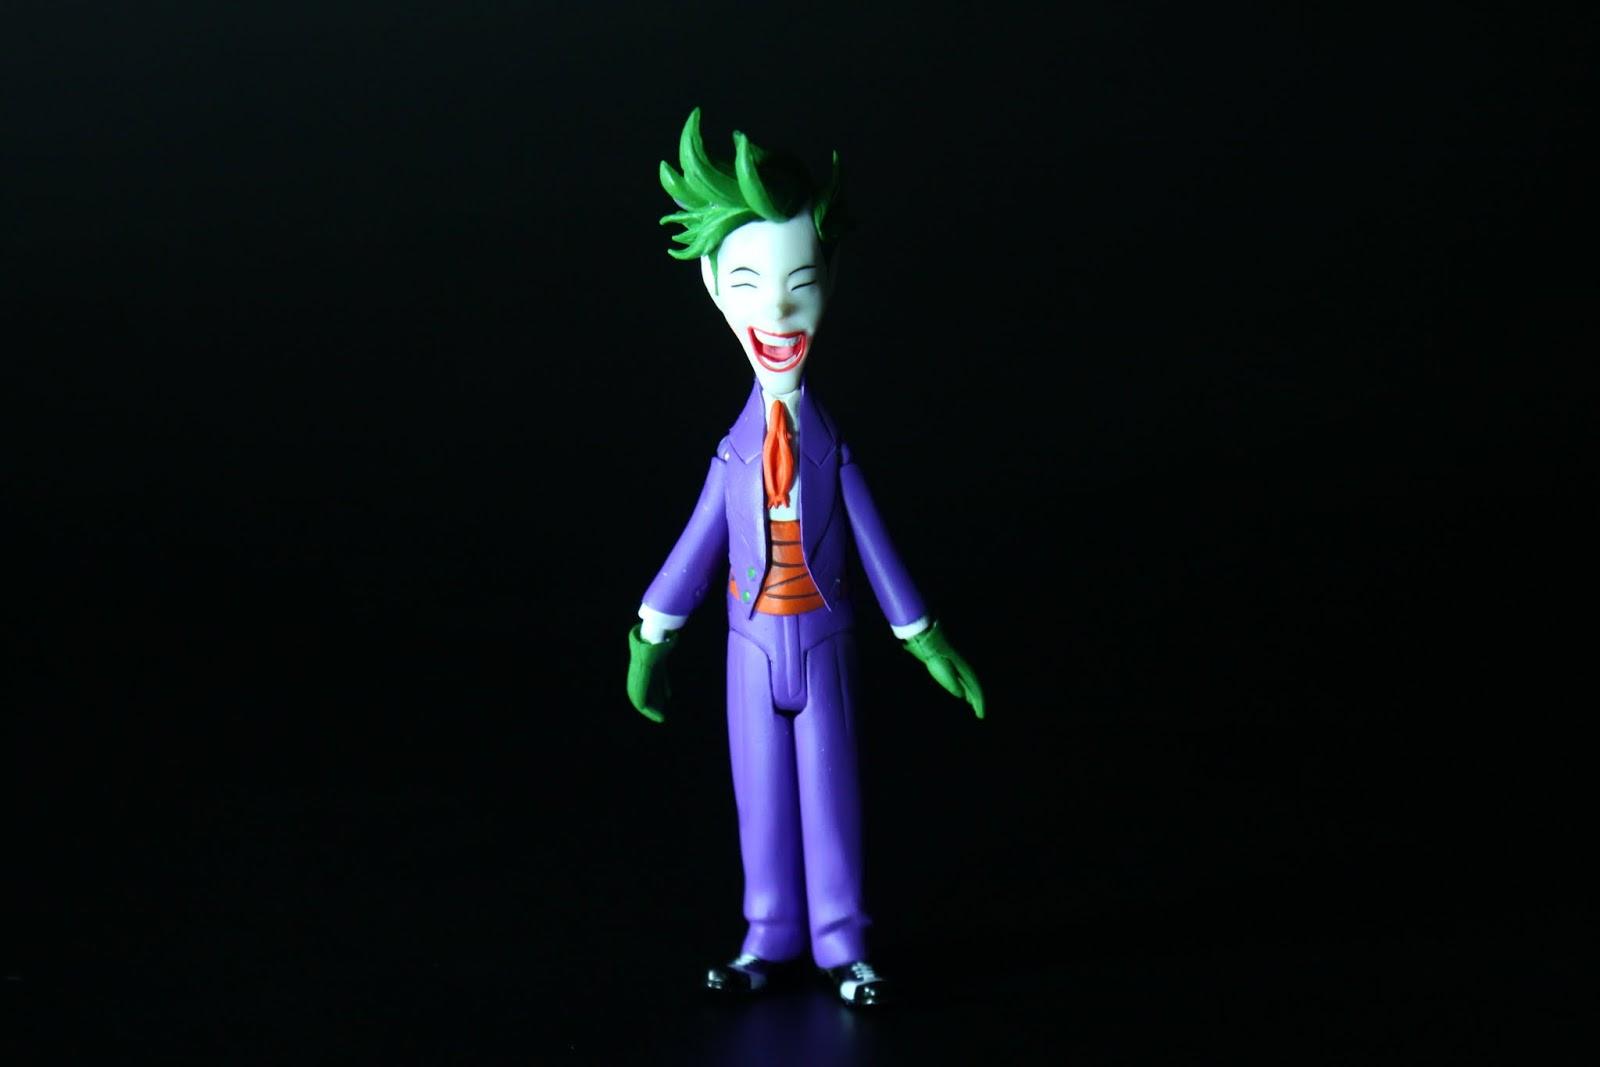 一點都不恐怖的小丑這版是第一個